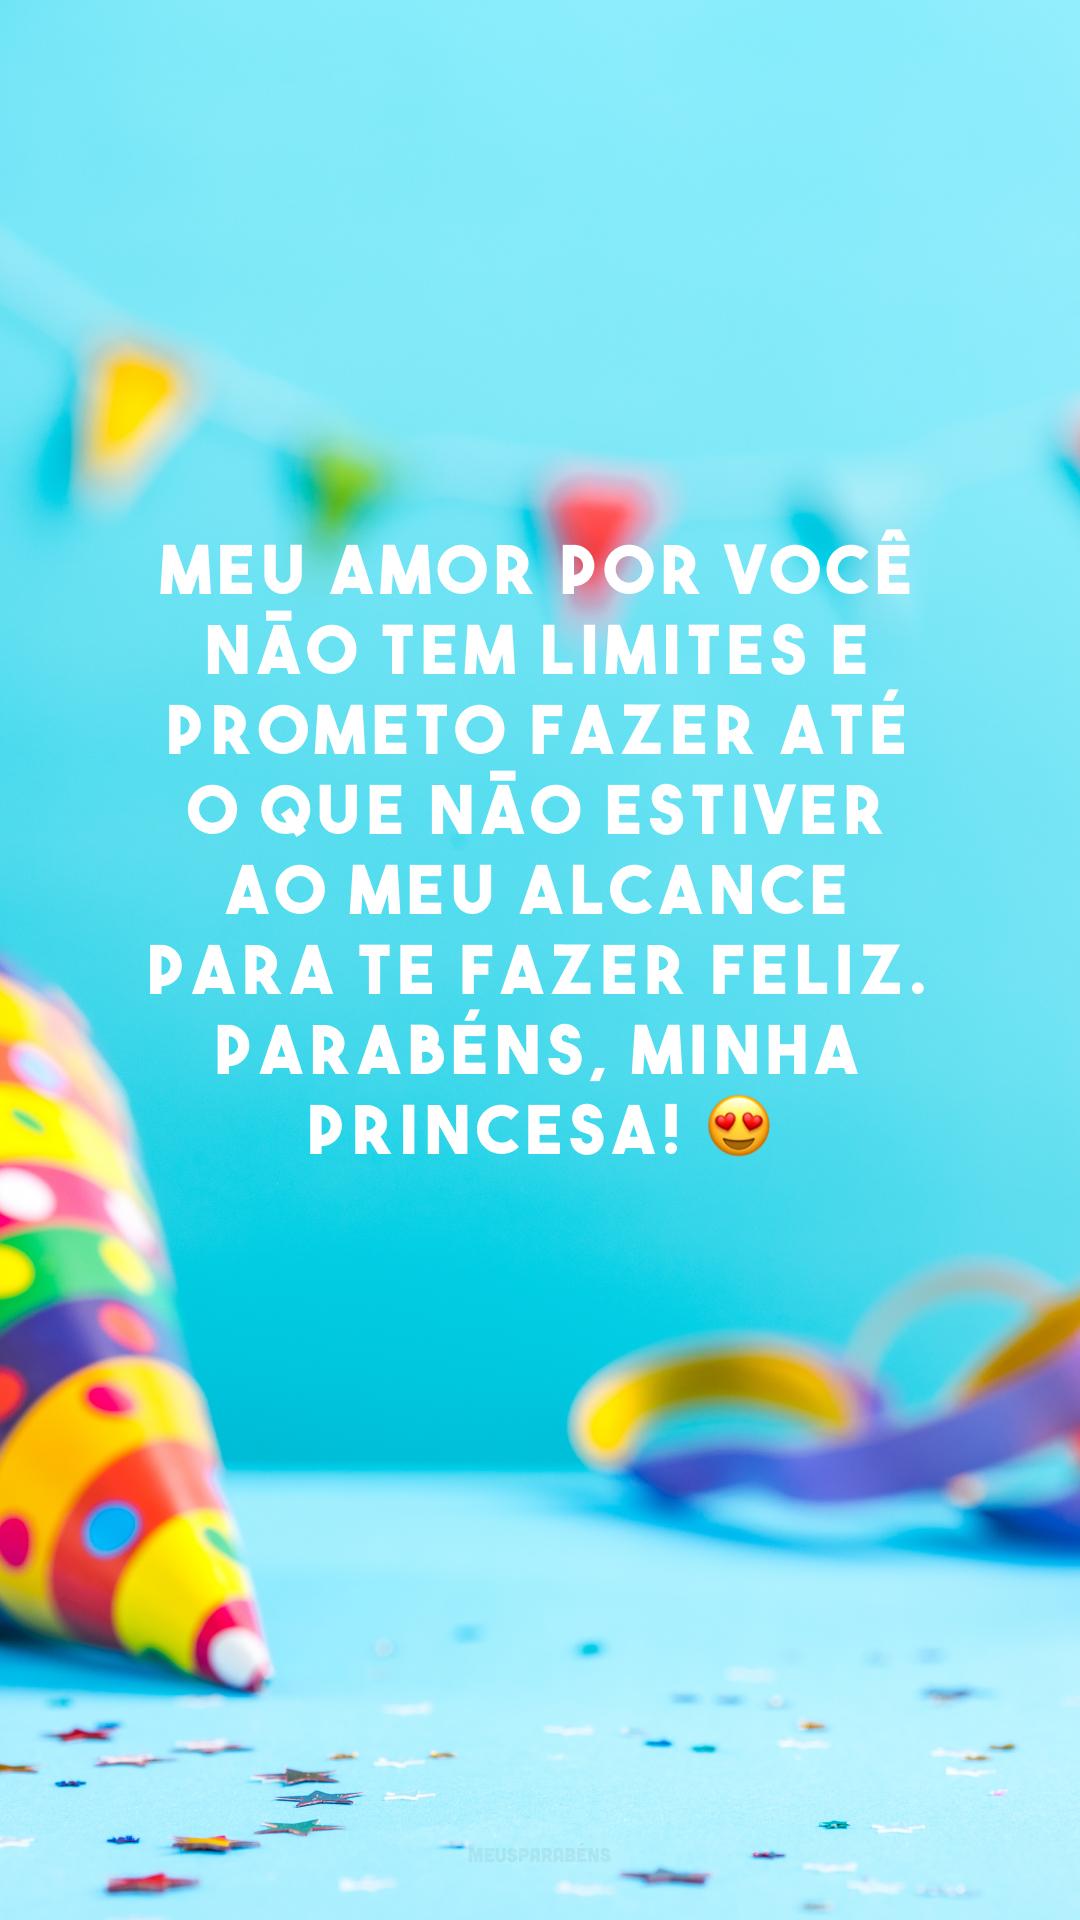 Meu amor por você não tem limites e prometo fazer até o que não estiver ao meu alcance para te fazer feliz. Parabéns, minha princesa! 😍